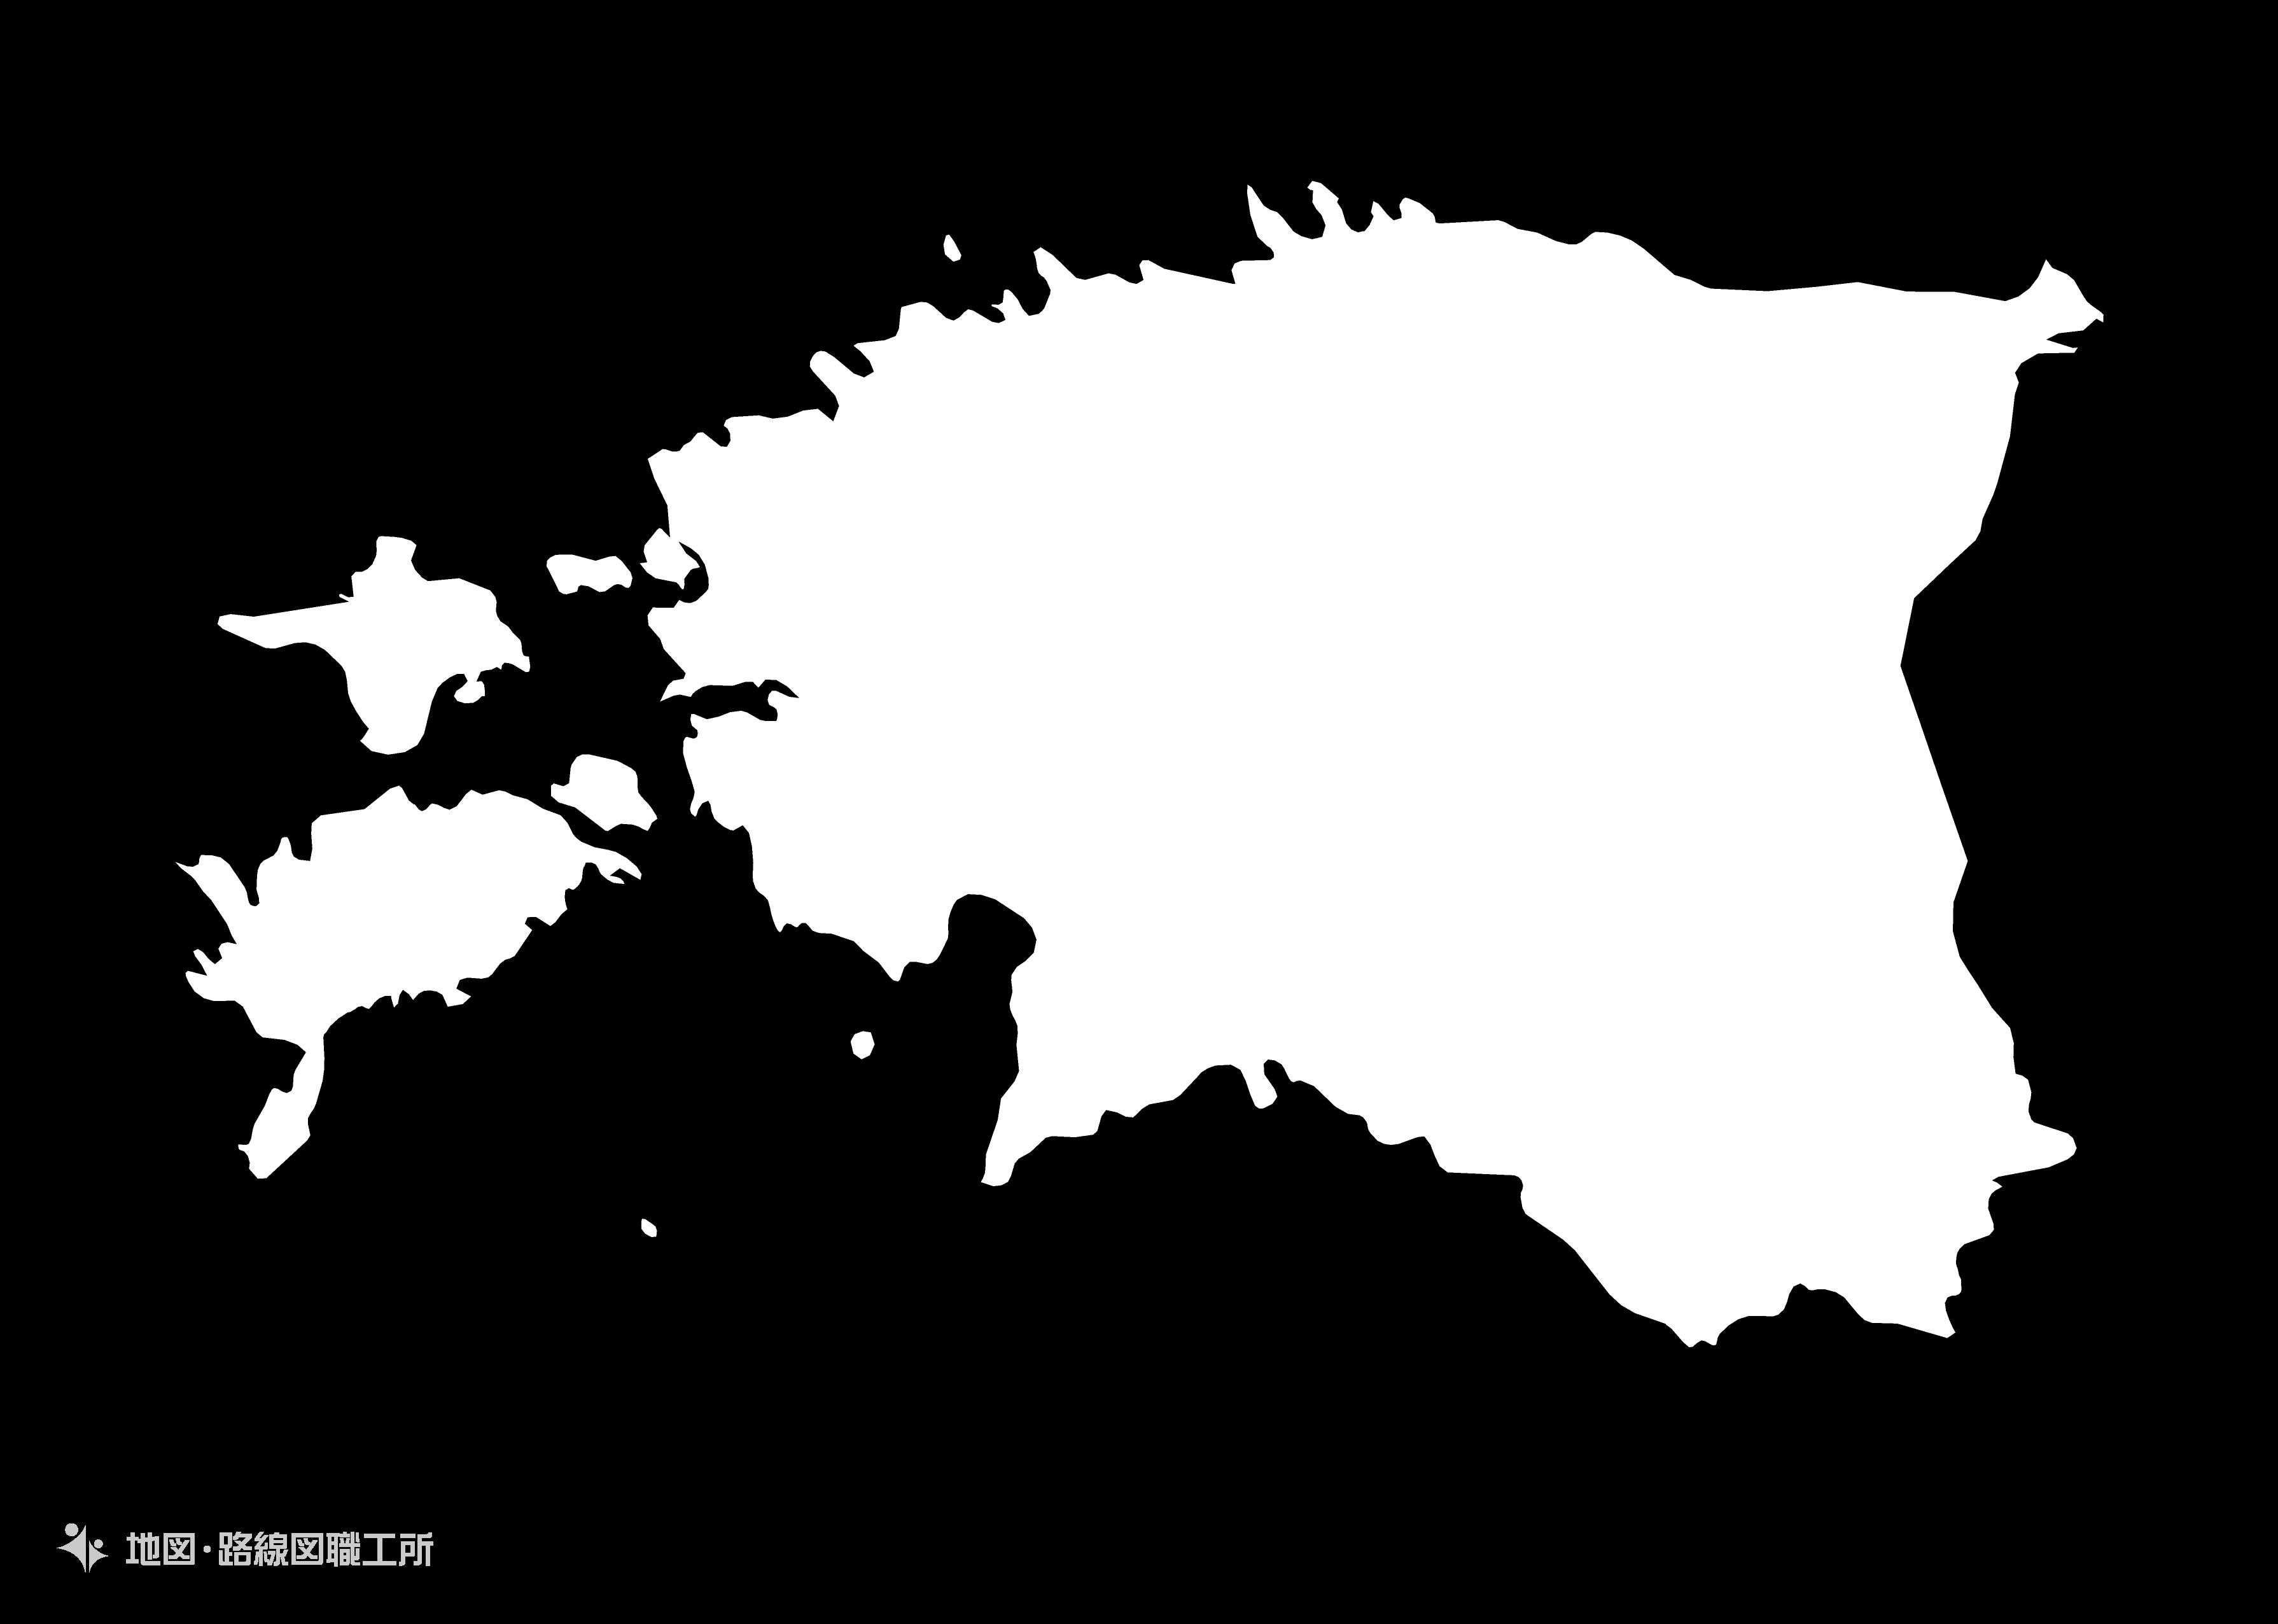 世界の白地図 エストニア共和国 republic-of-estonia map